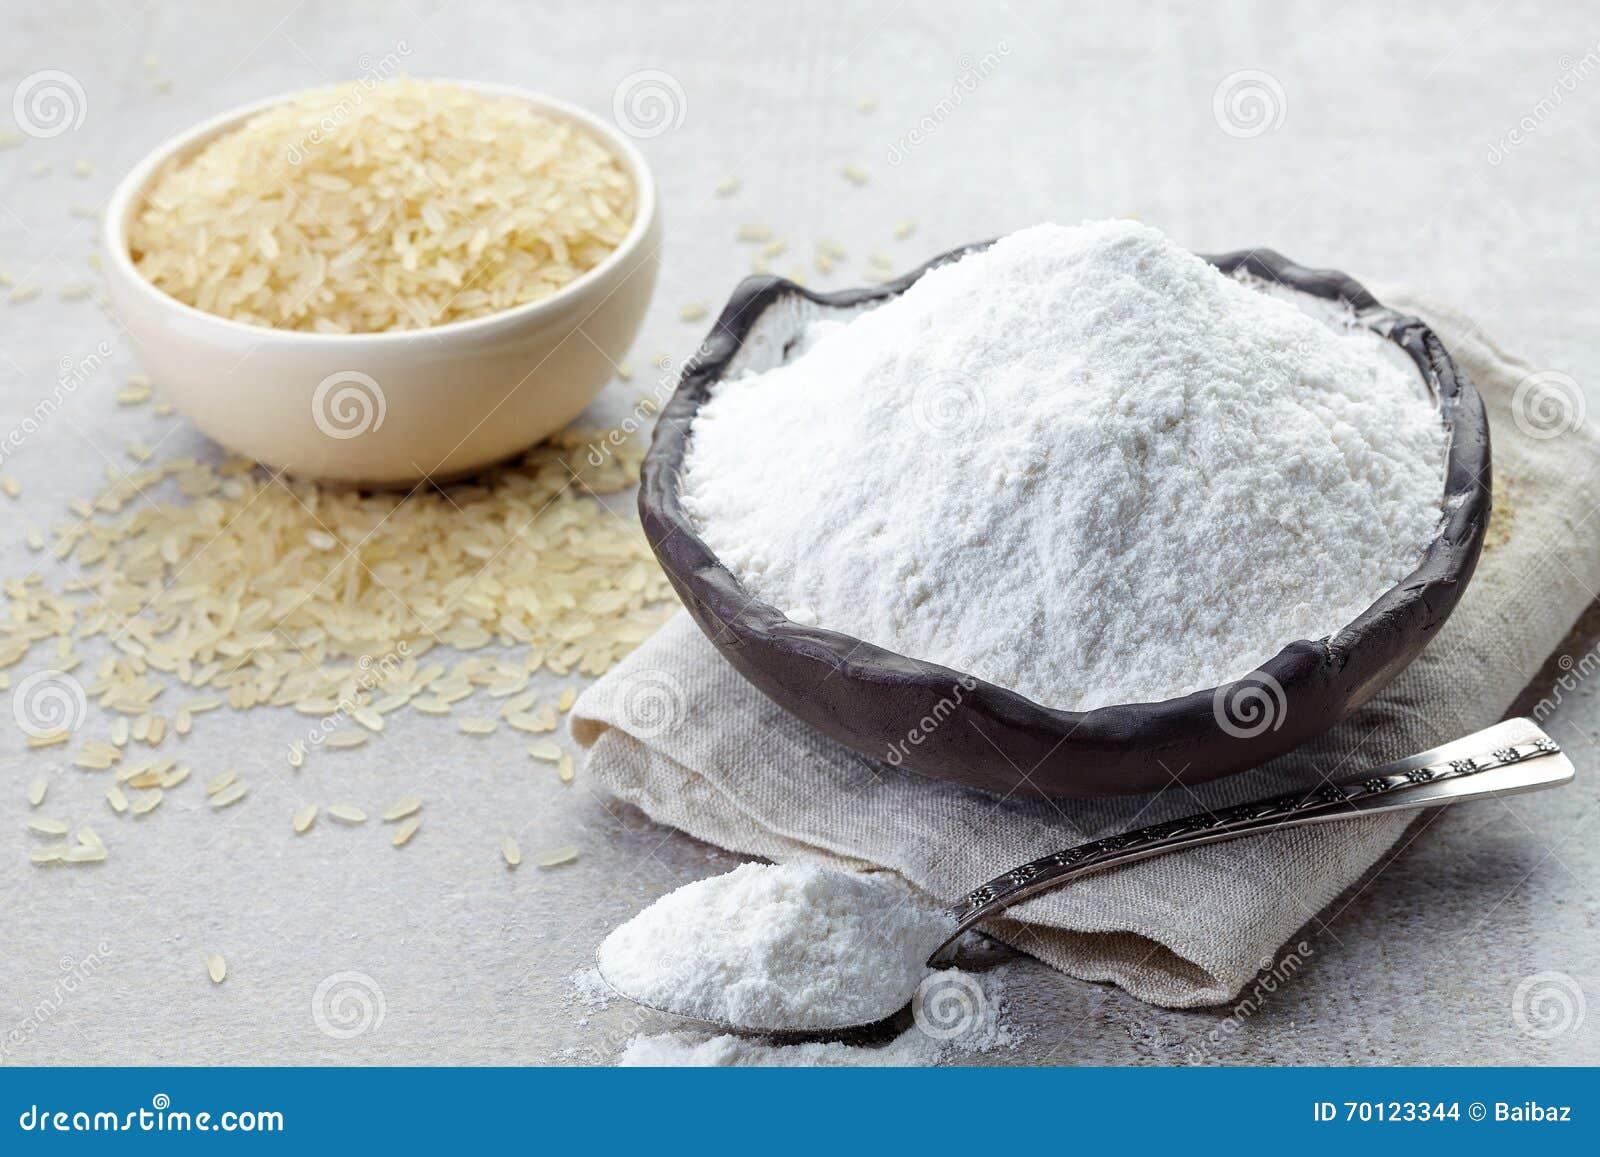 Ryżowa mąka i ryż